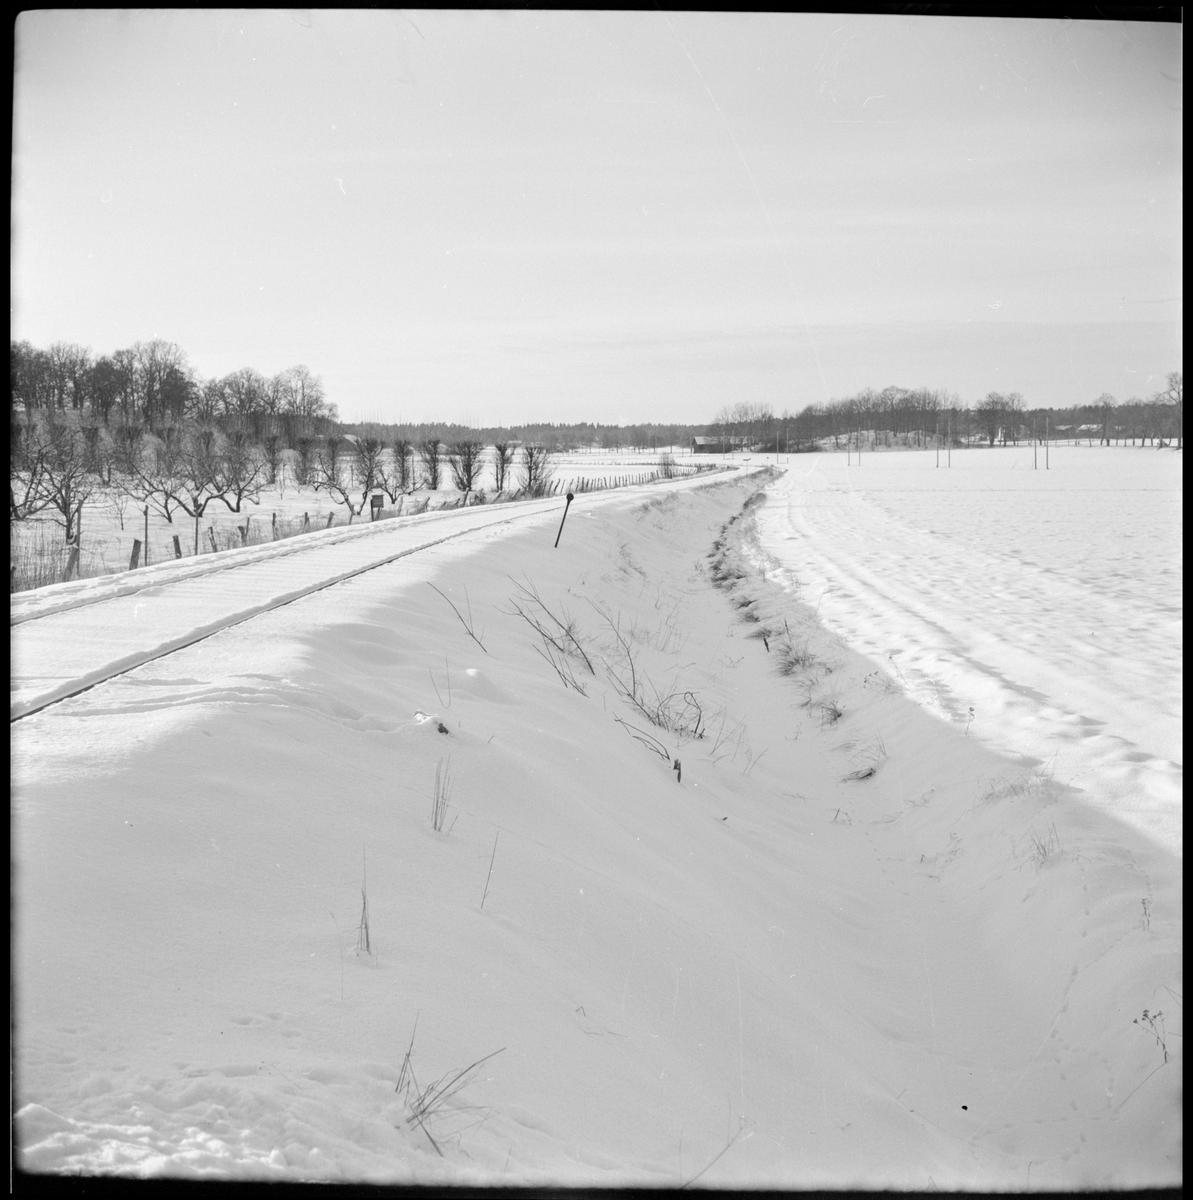 Vy över det vintriga järnvägssspåret utanför bangården i Mariefred.